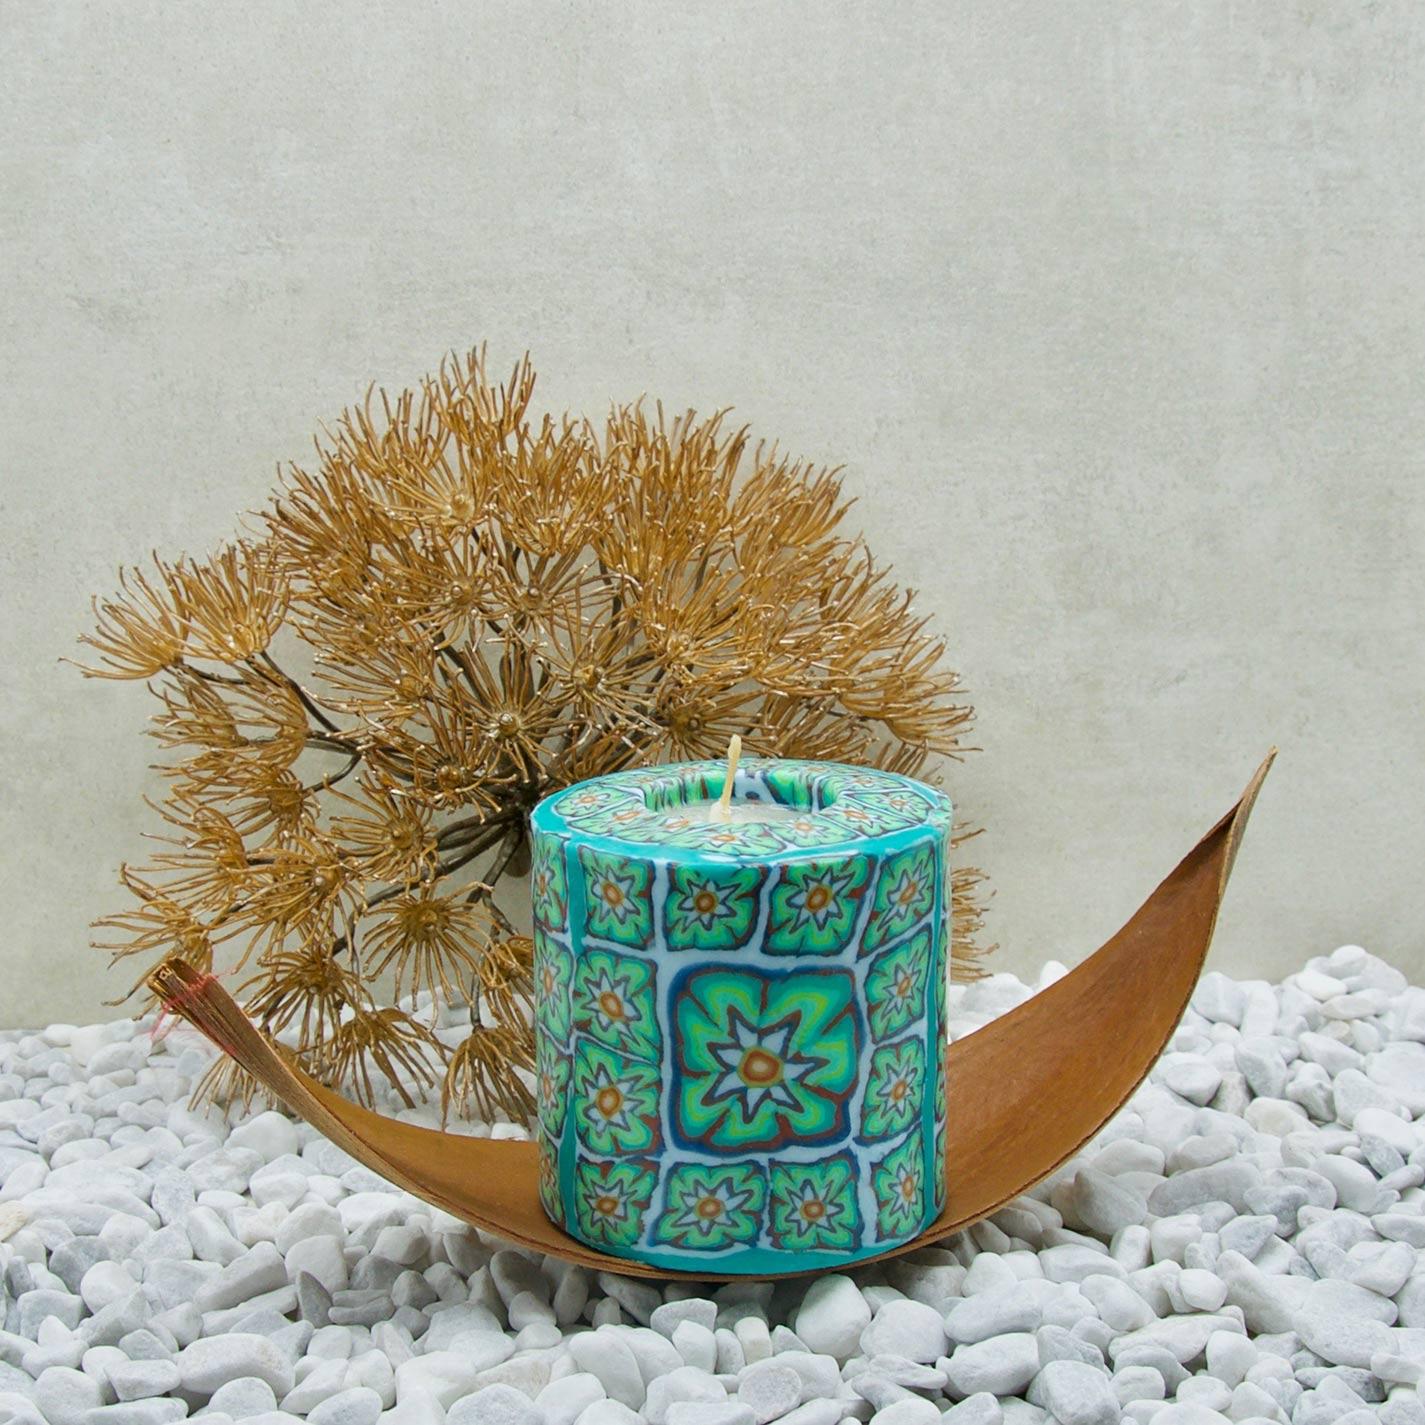 Kerze; Swazi Candle; Form: Pillar L ca. 9cmx9cm; Gewicht: ca. 470g; Farbe: türkis, elegantes leuchtendes Blumenmuster in Türkistönen; Dekoration von Blueowl